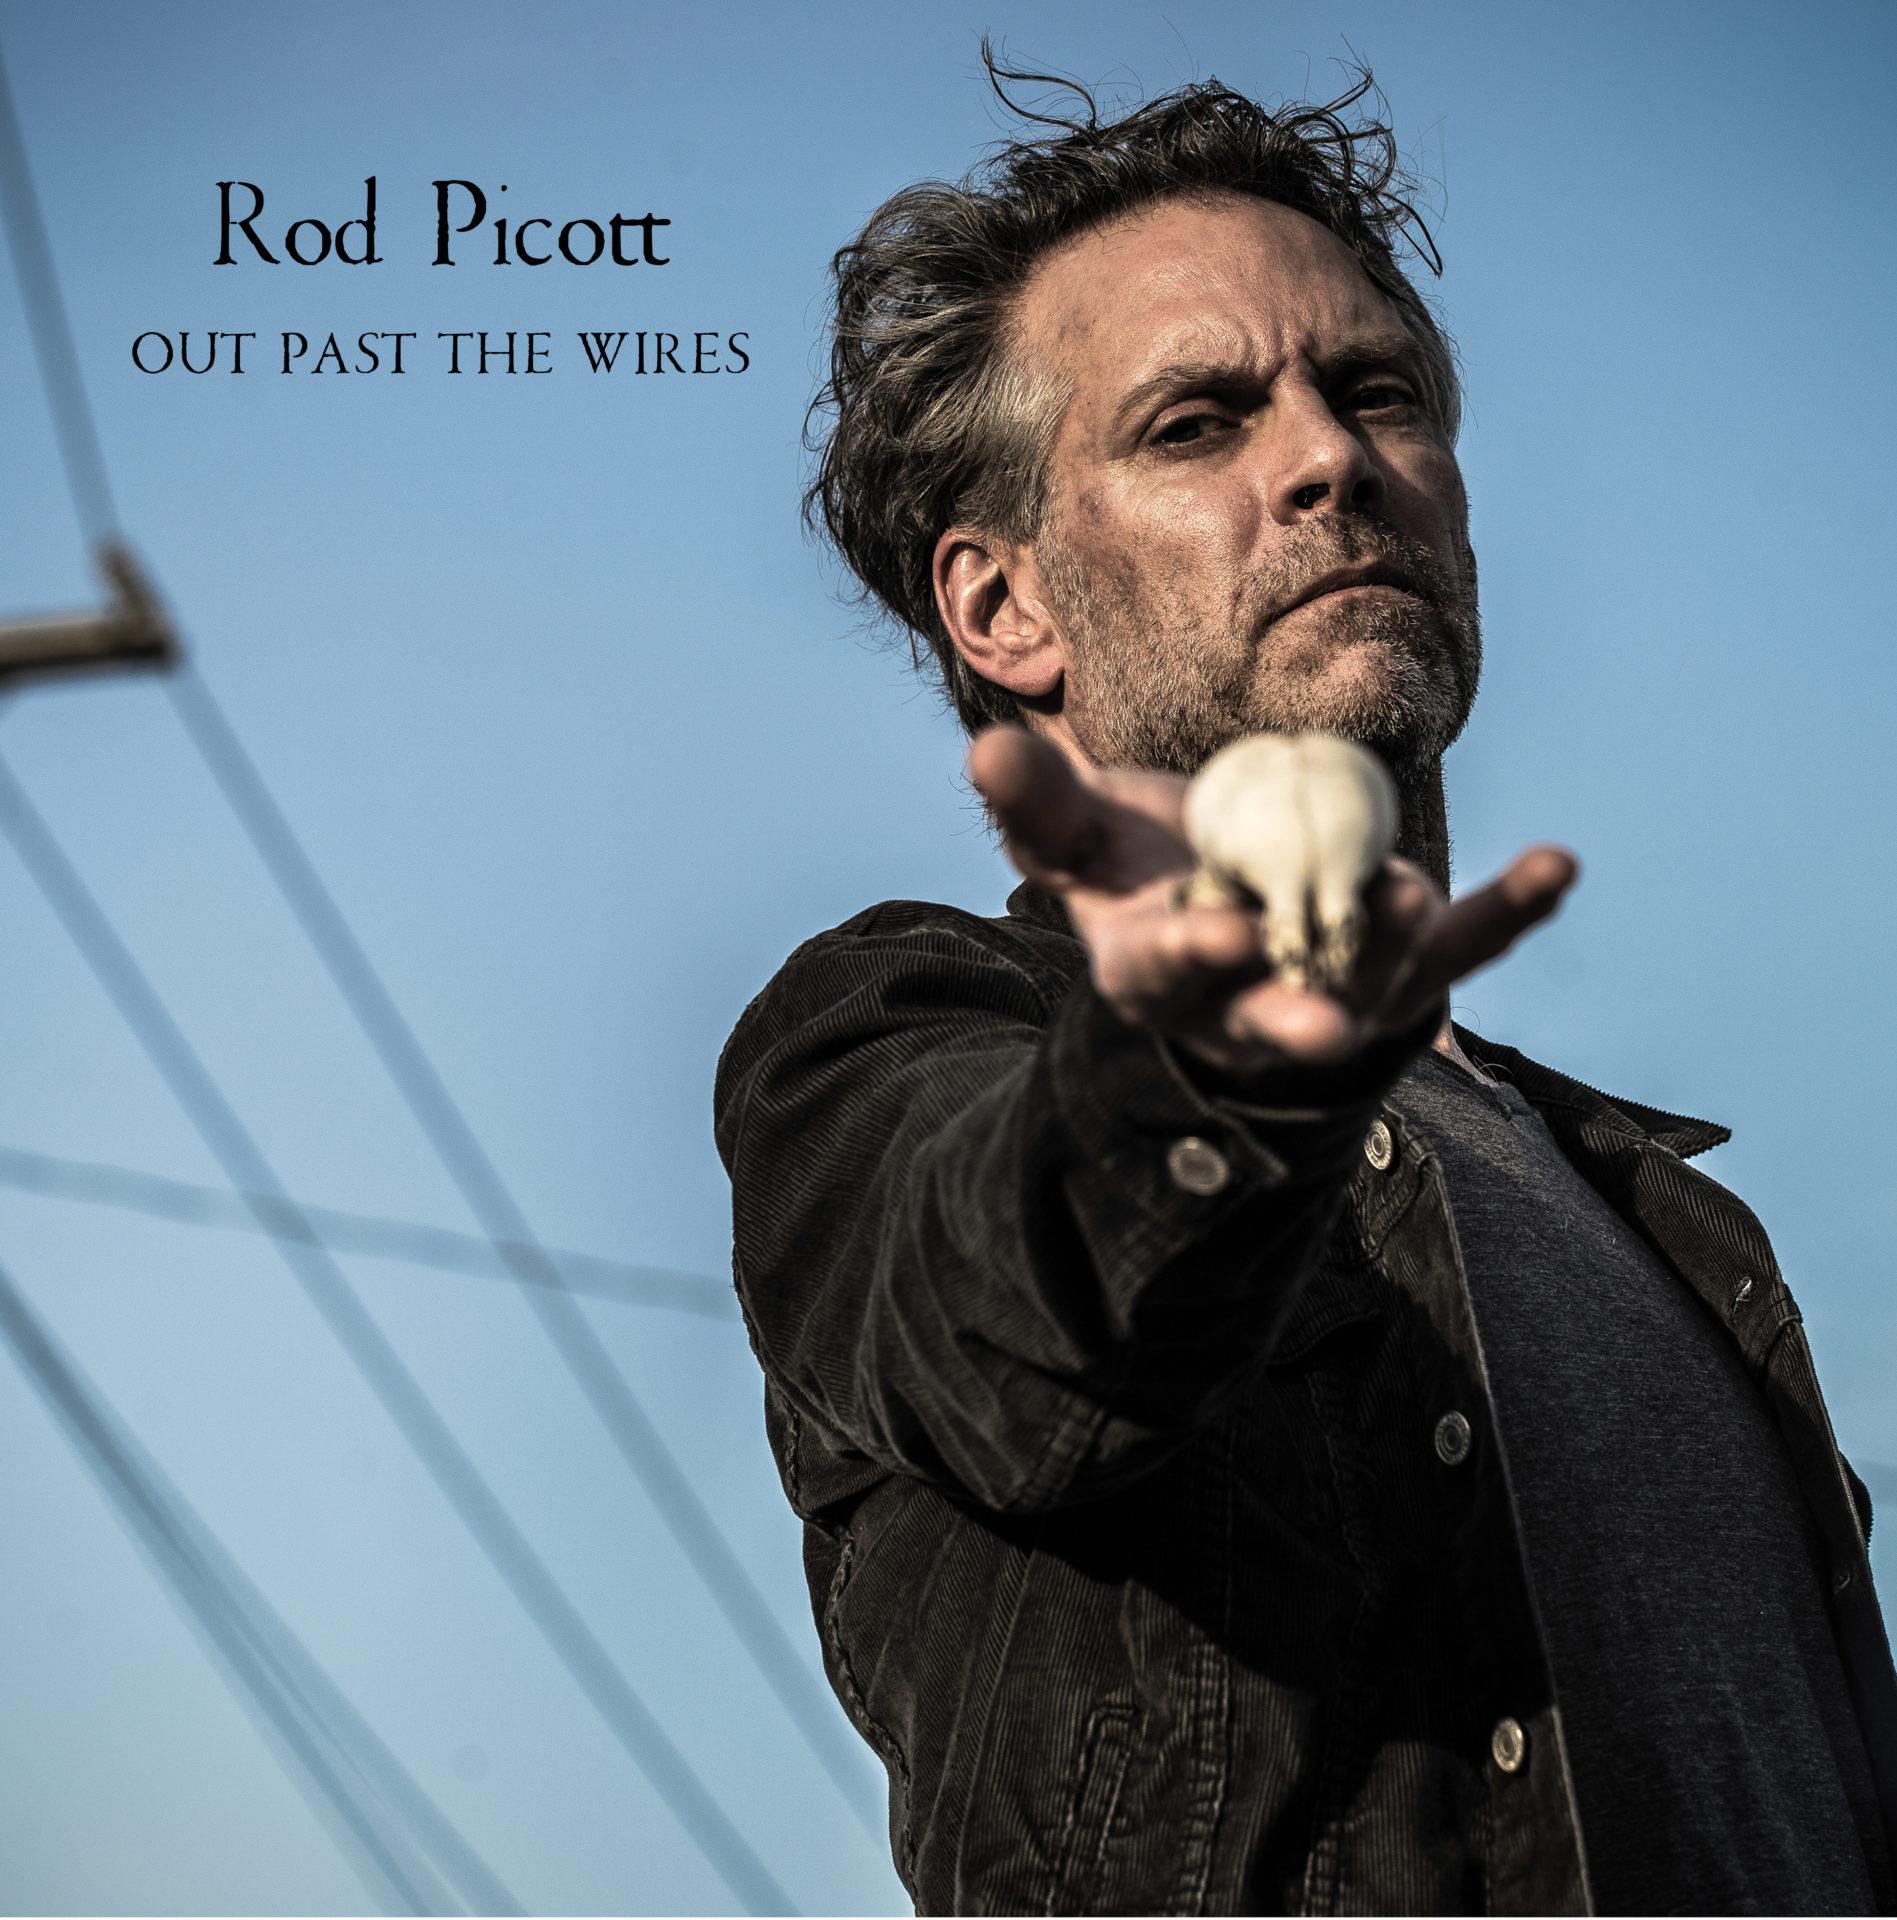 Rod Picott